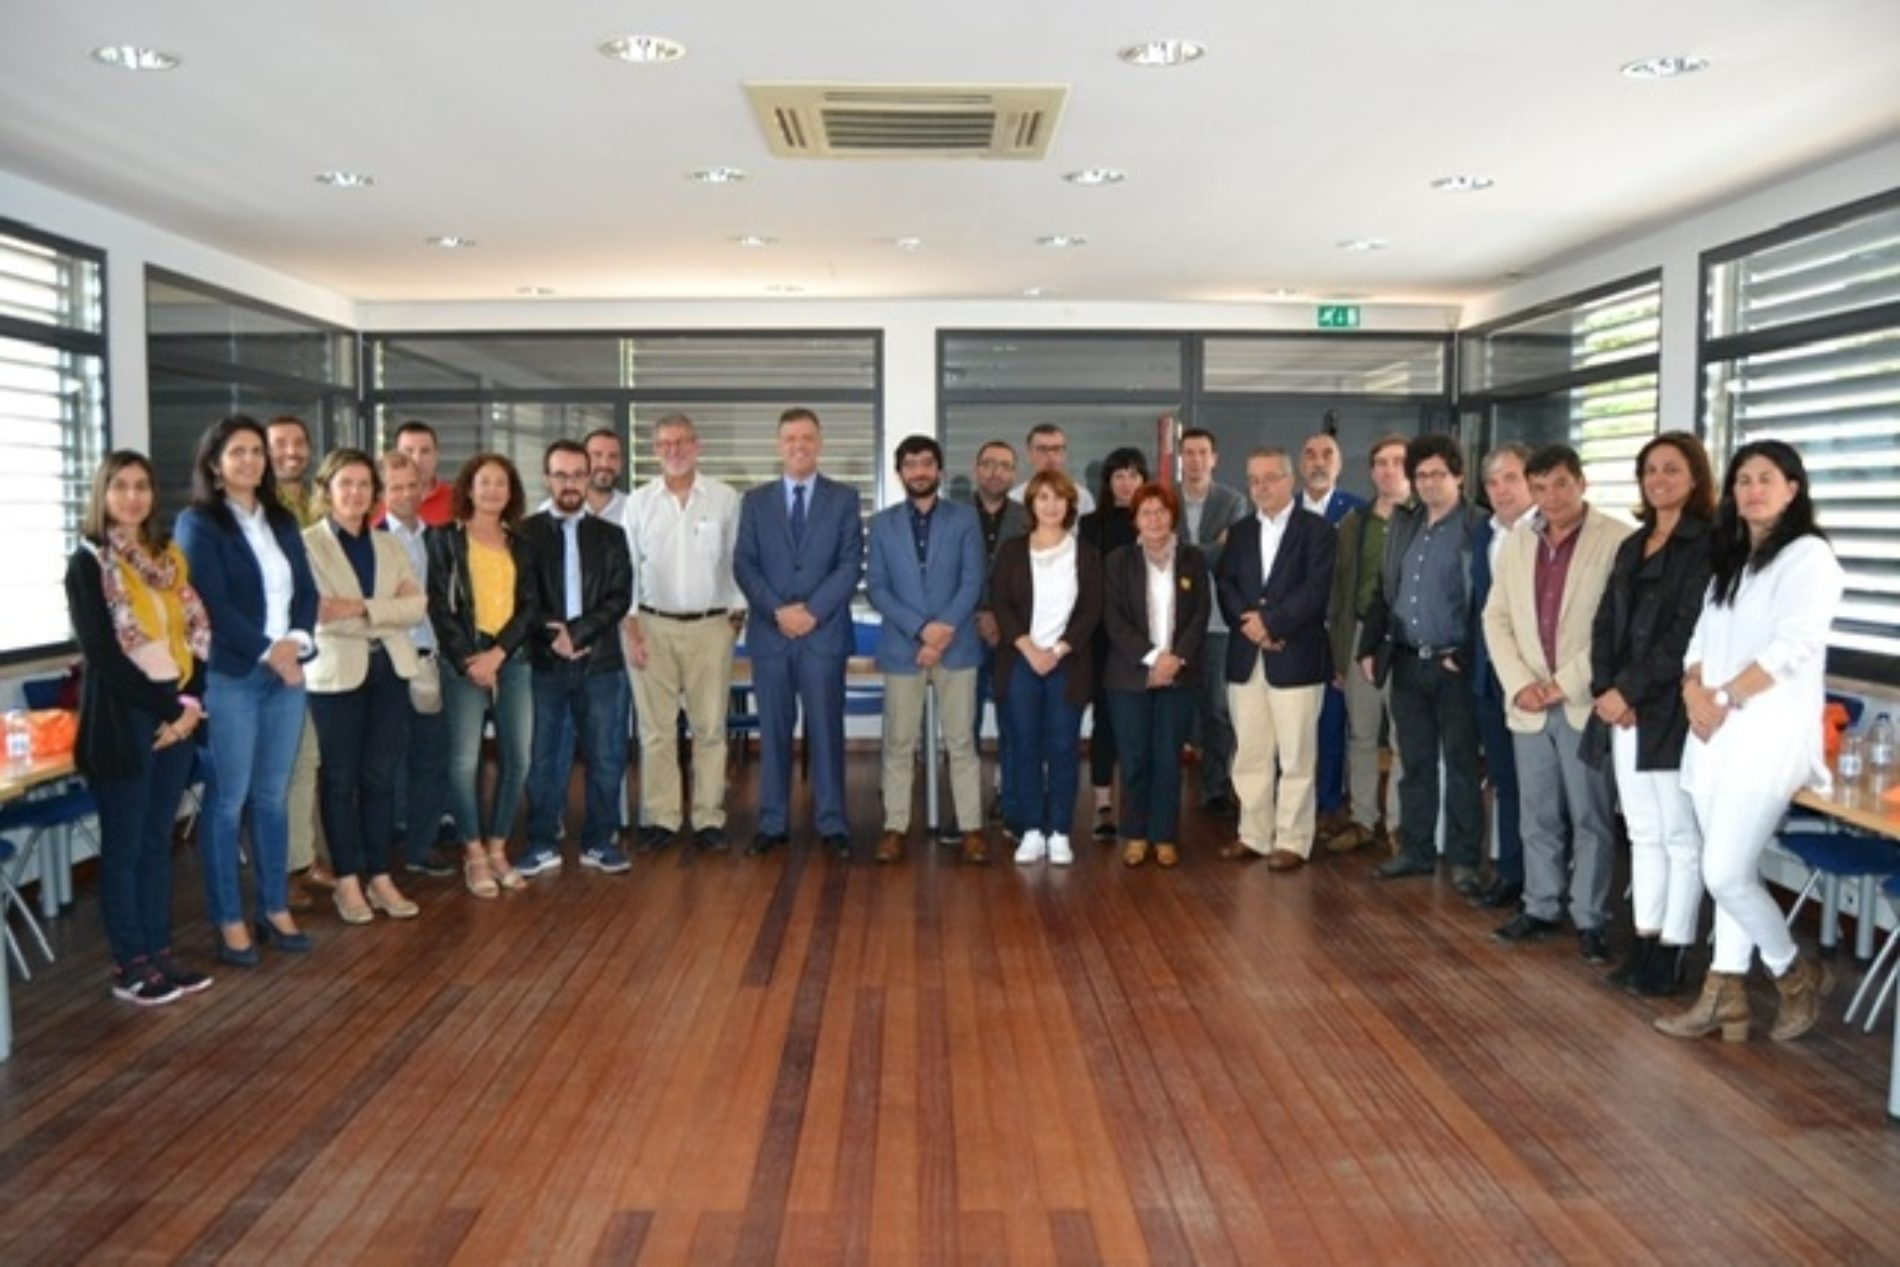 Câmara Municipal de Arganil vai integrar Rede Nacional de Arte Rupestre